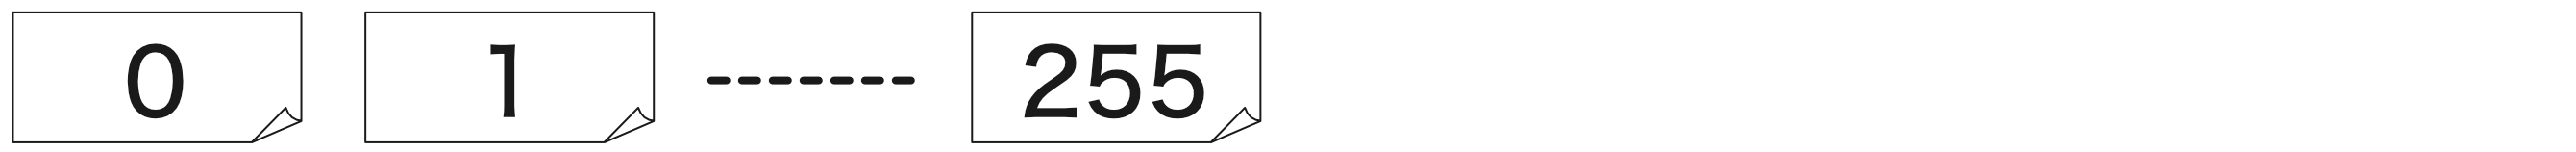 一番小さいサイズのメモ用紙